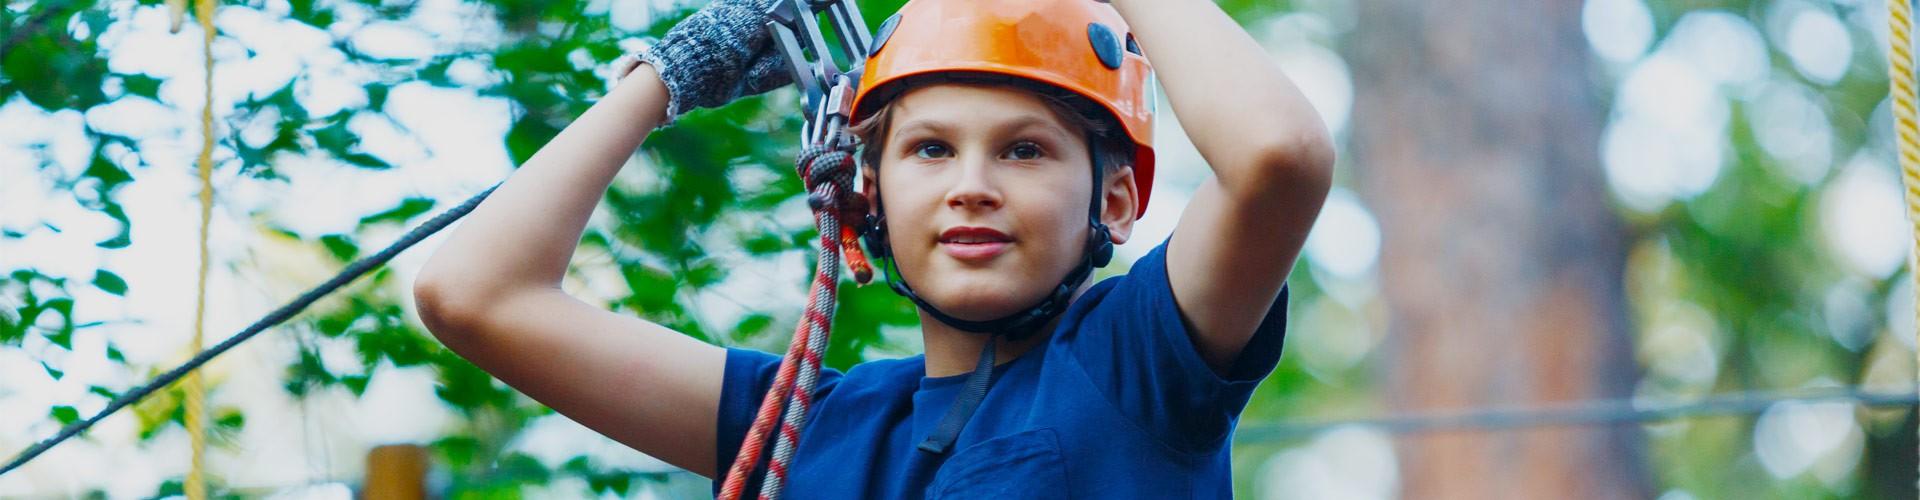 Klettern für Kinder im Berchtesgadener Land